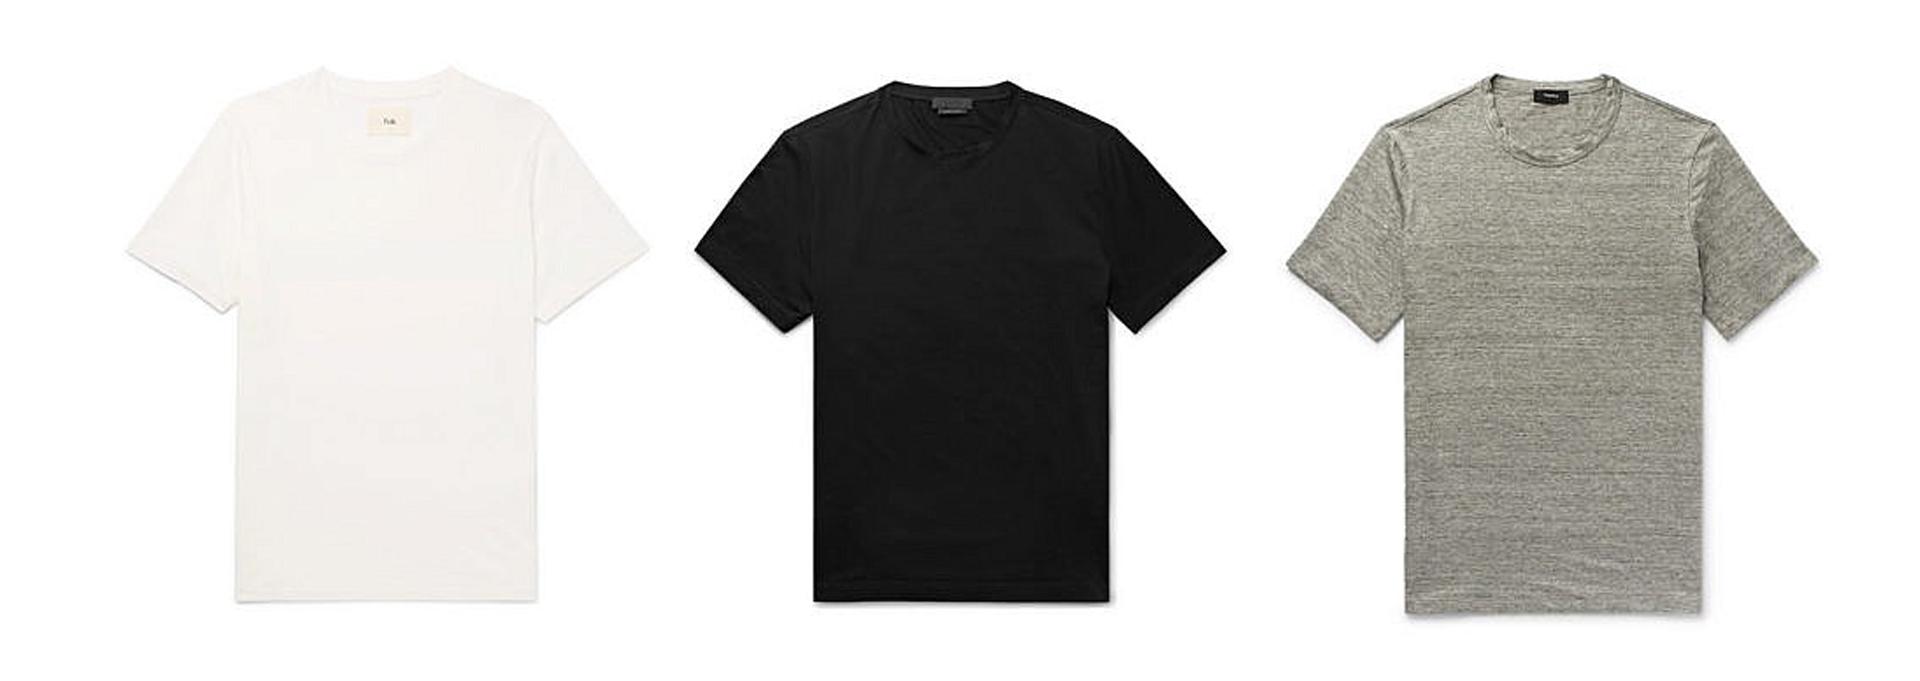 Cinci tipuri de tricouri